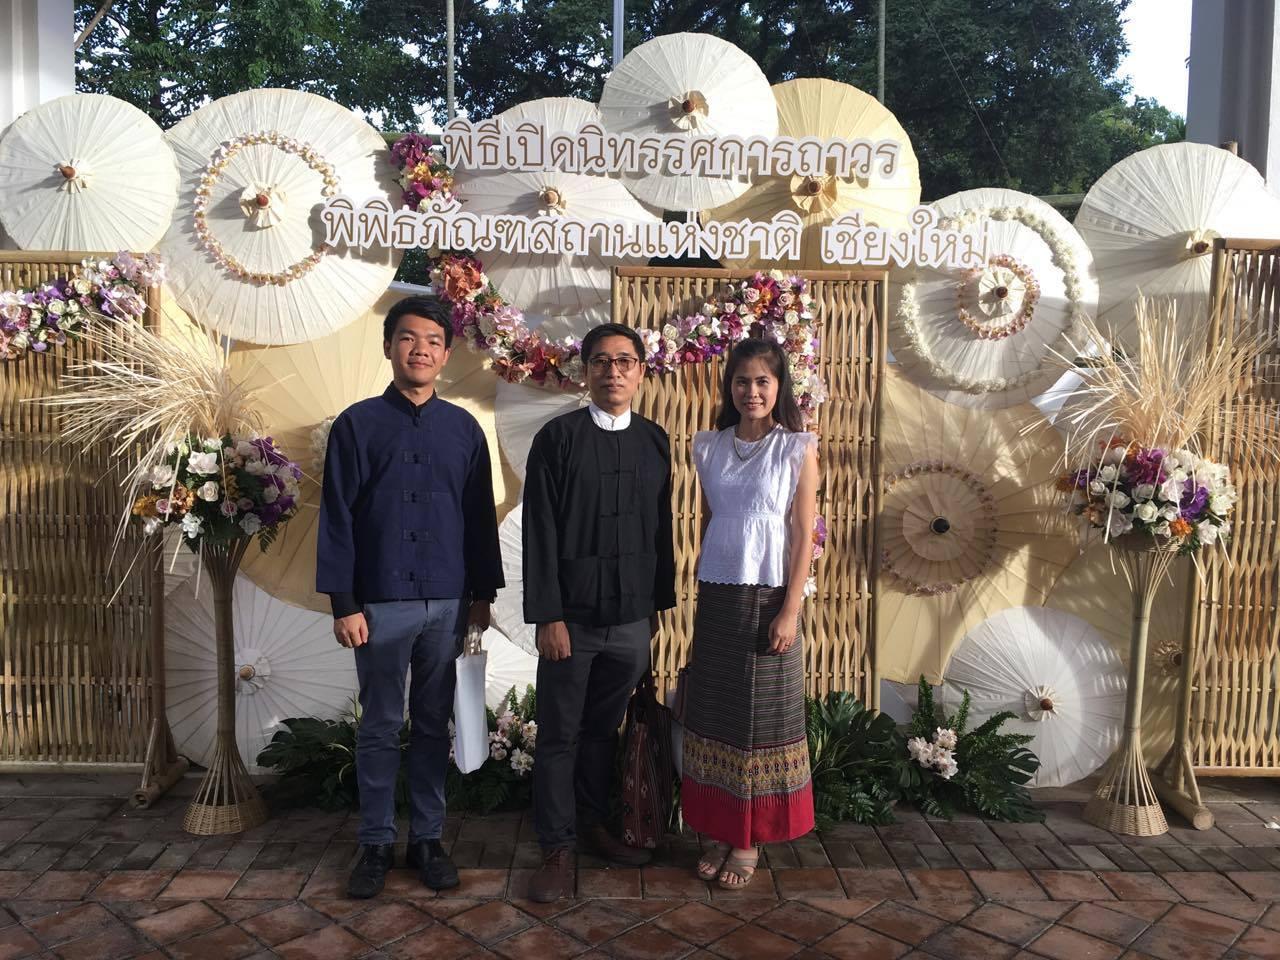 เข้าร่วมพิธีเปิดนิทรรศการถาวร พิพิธภัณฑสถานแห่งชาติเชียงใหม่ เมื่อวันที่ 14 มิถุนายน 2560